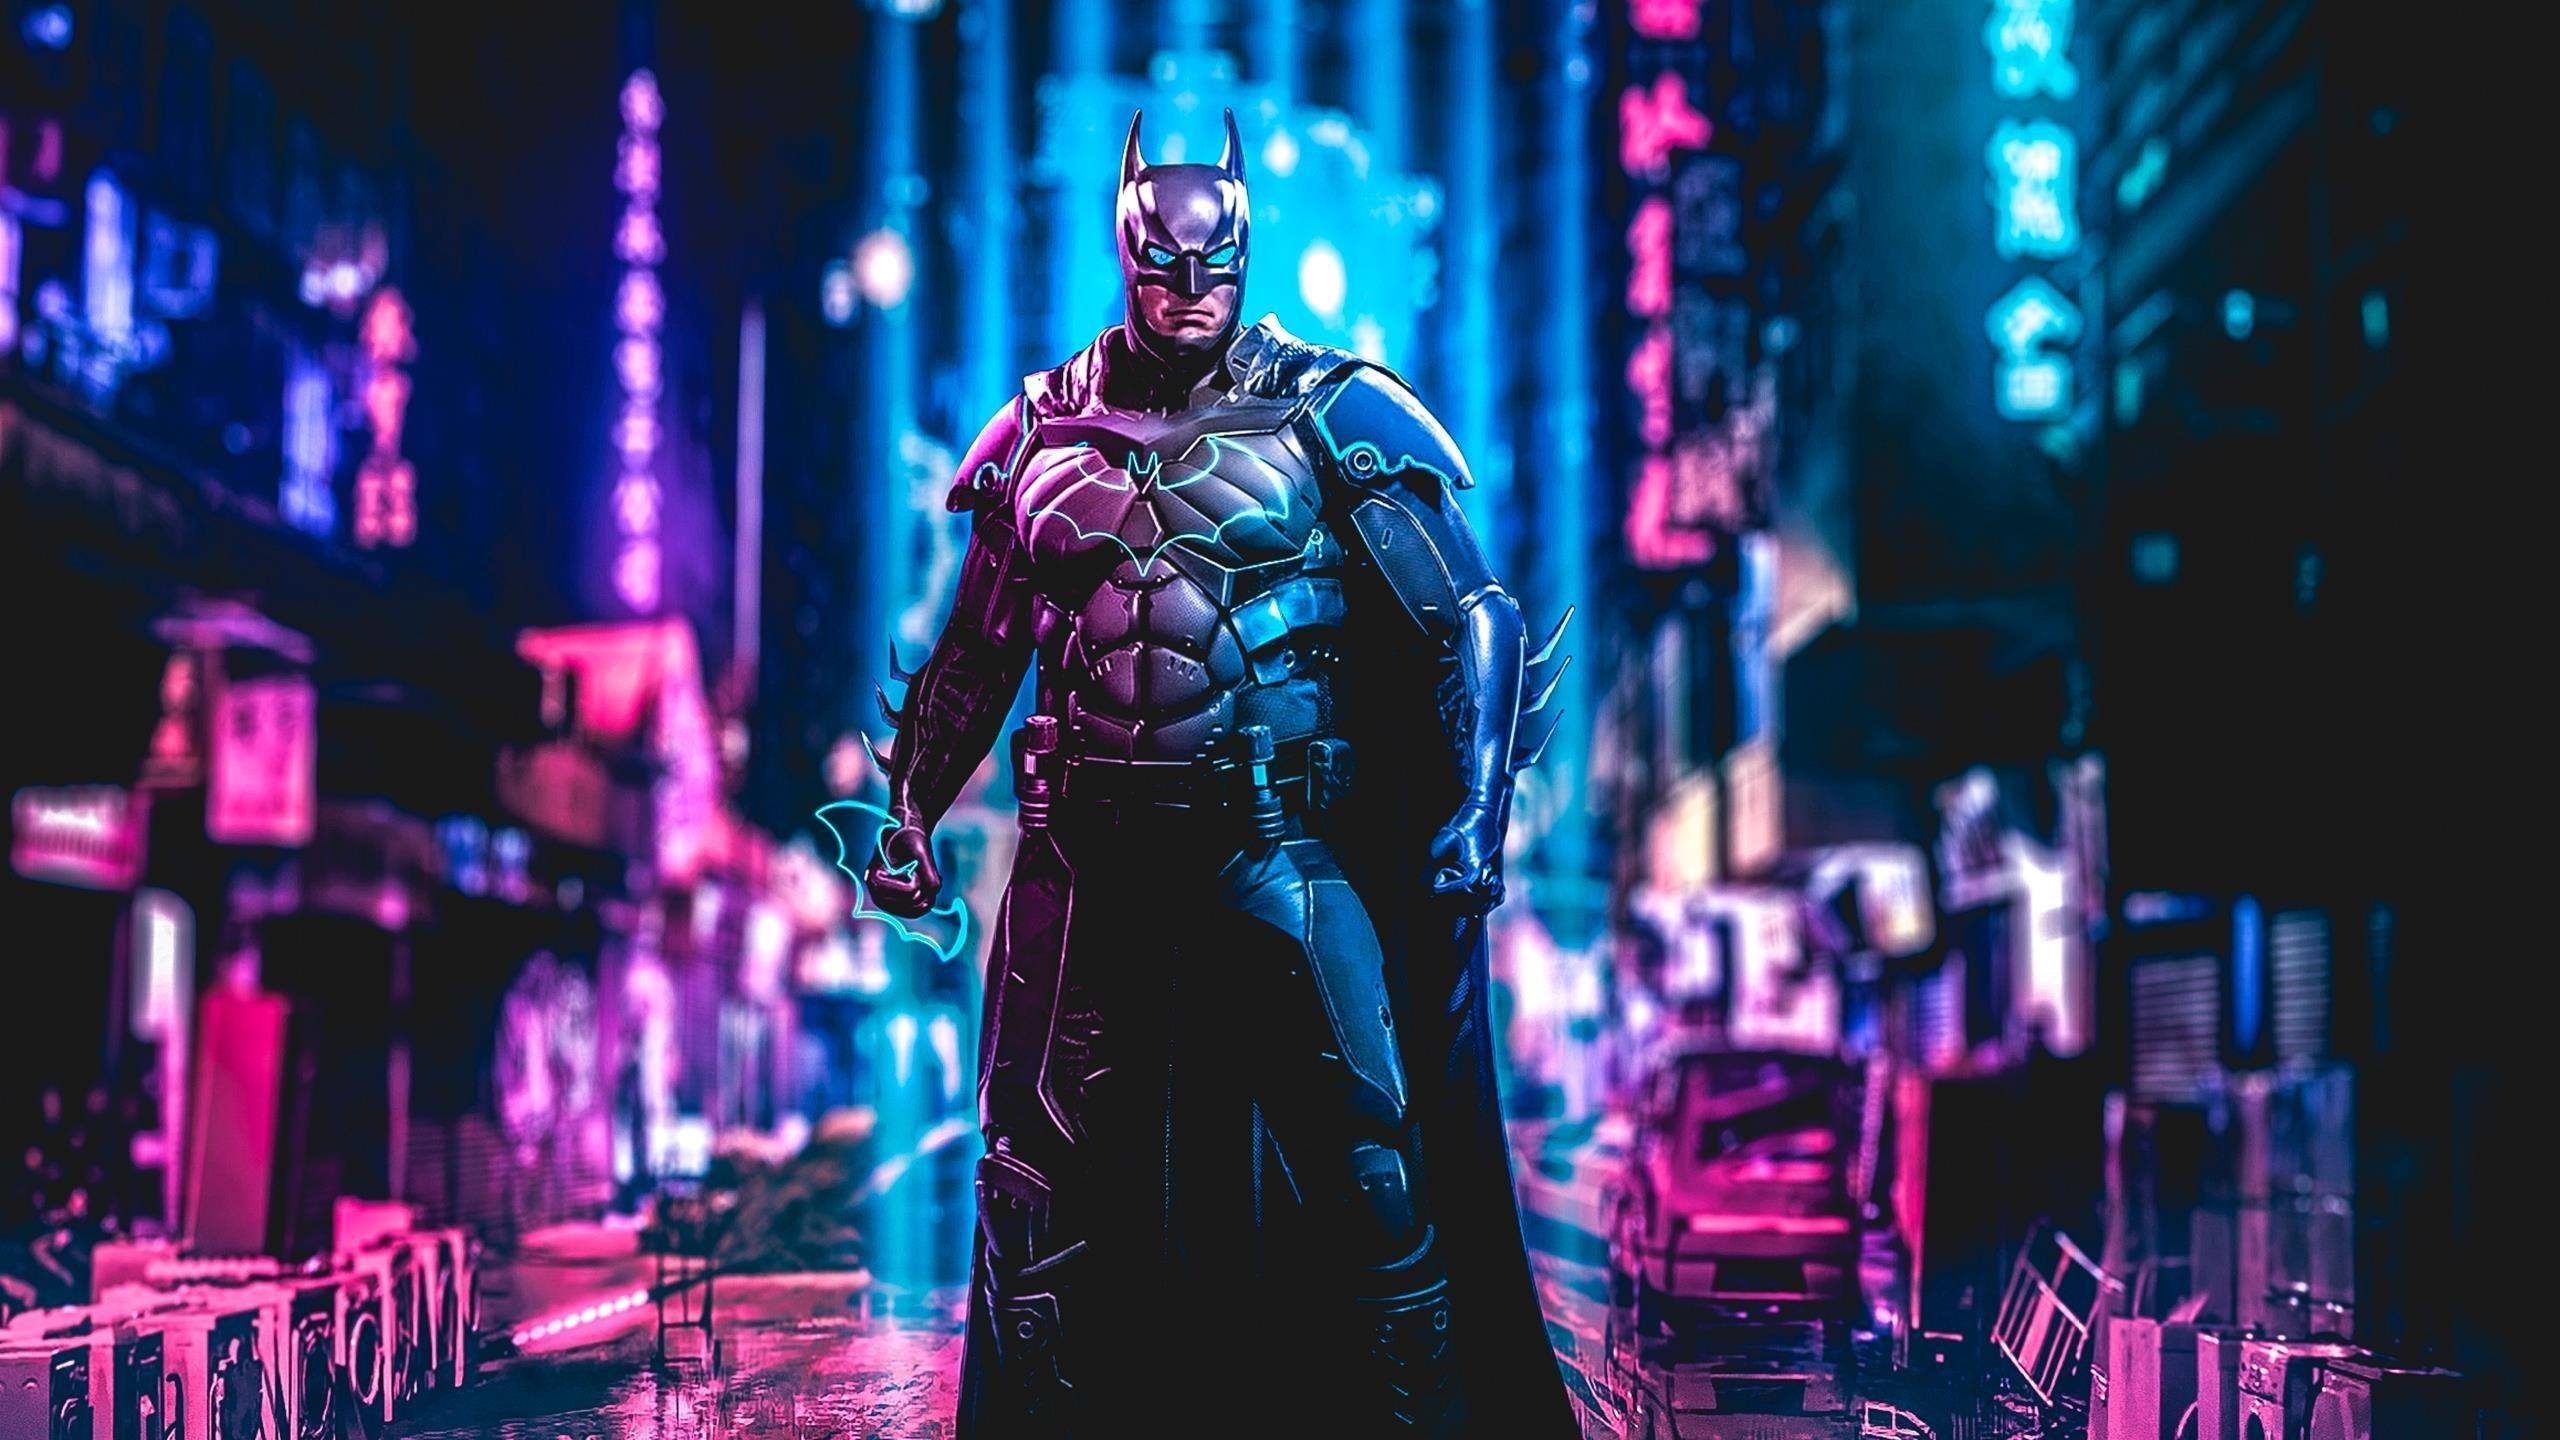 Бэтмен киберпанк искусство обои скачать